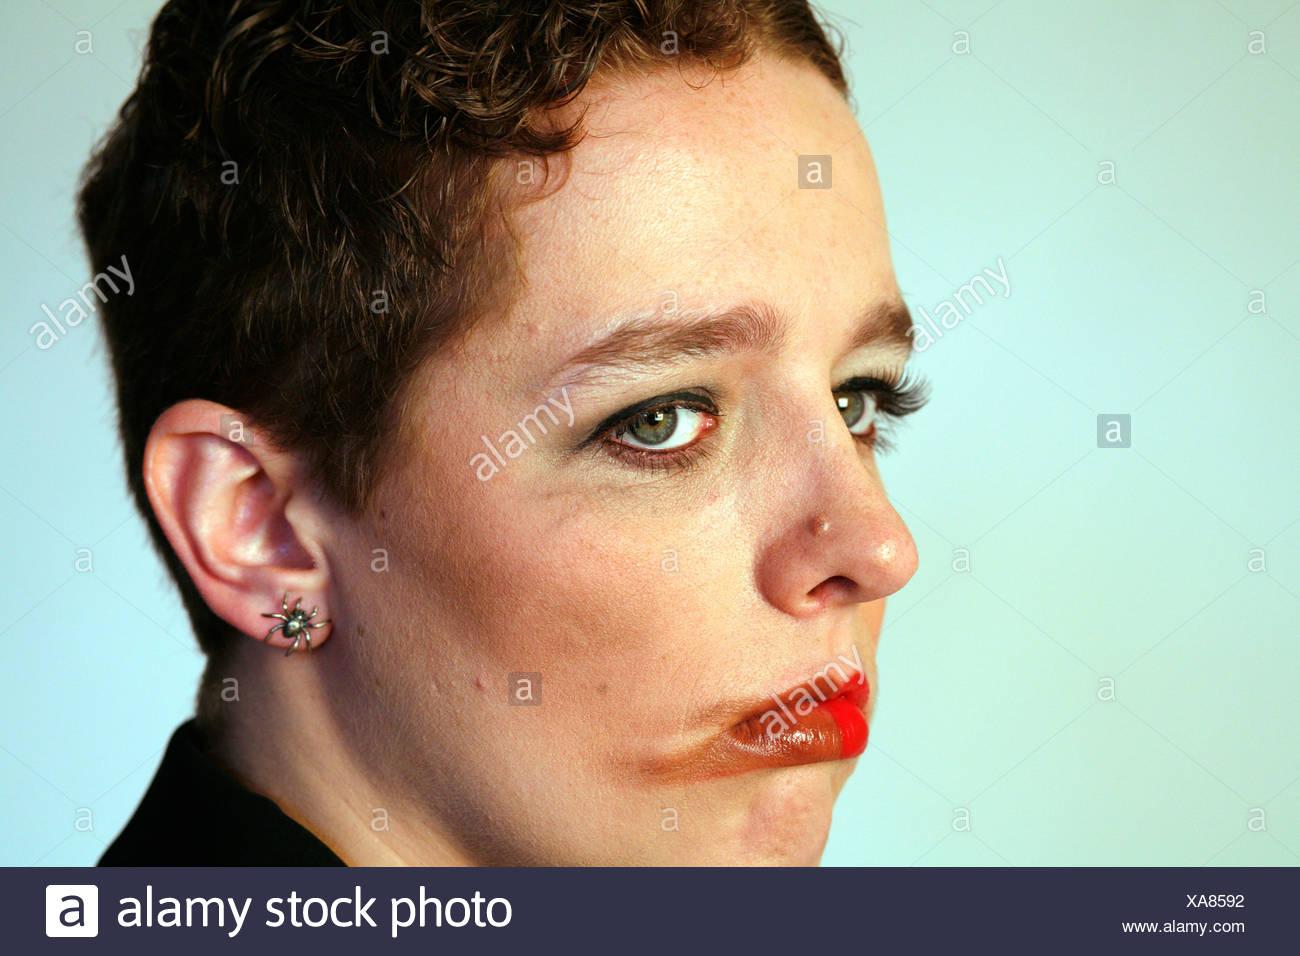 Faccia con sbavature del make-up Immagini Stock